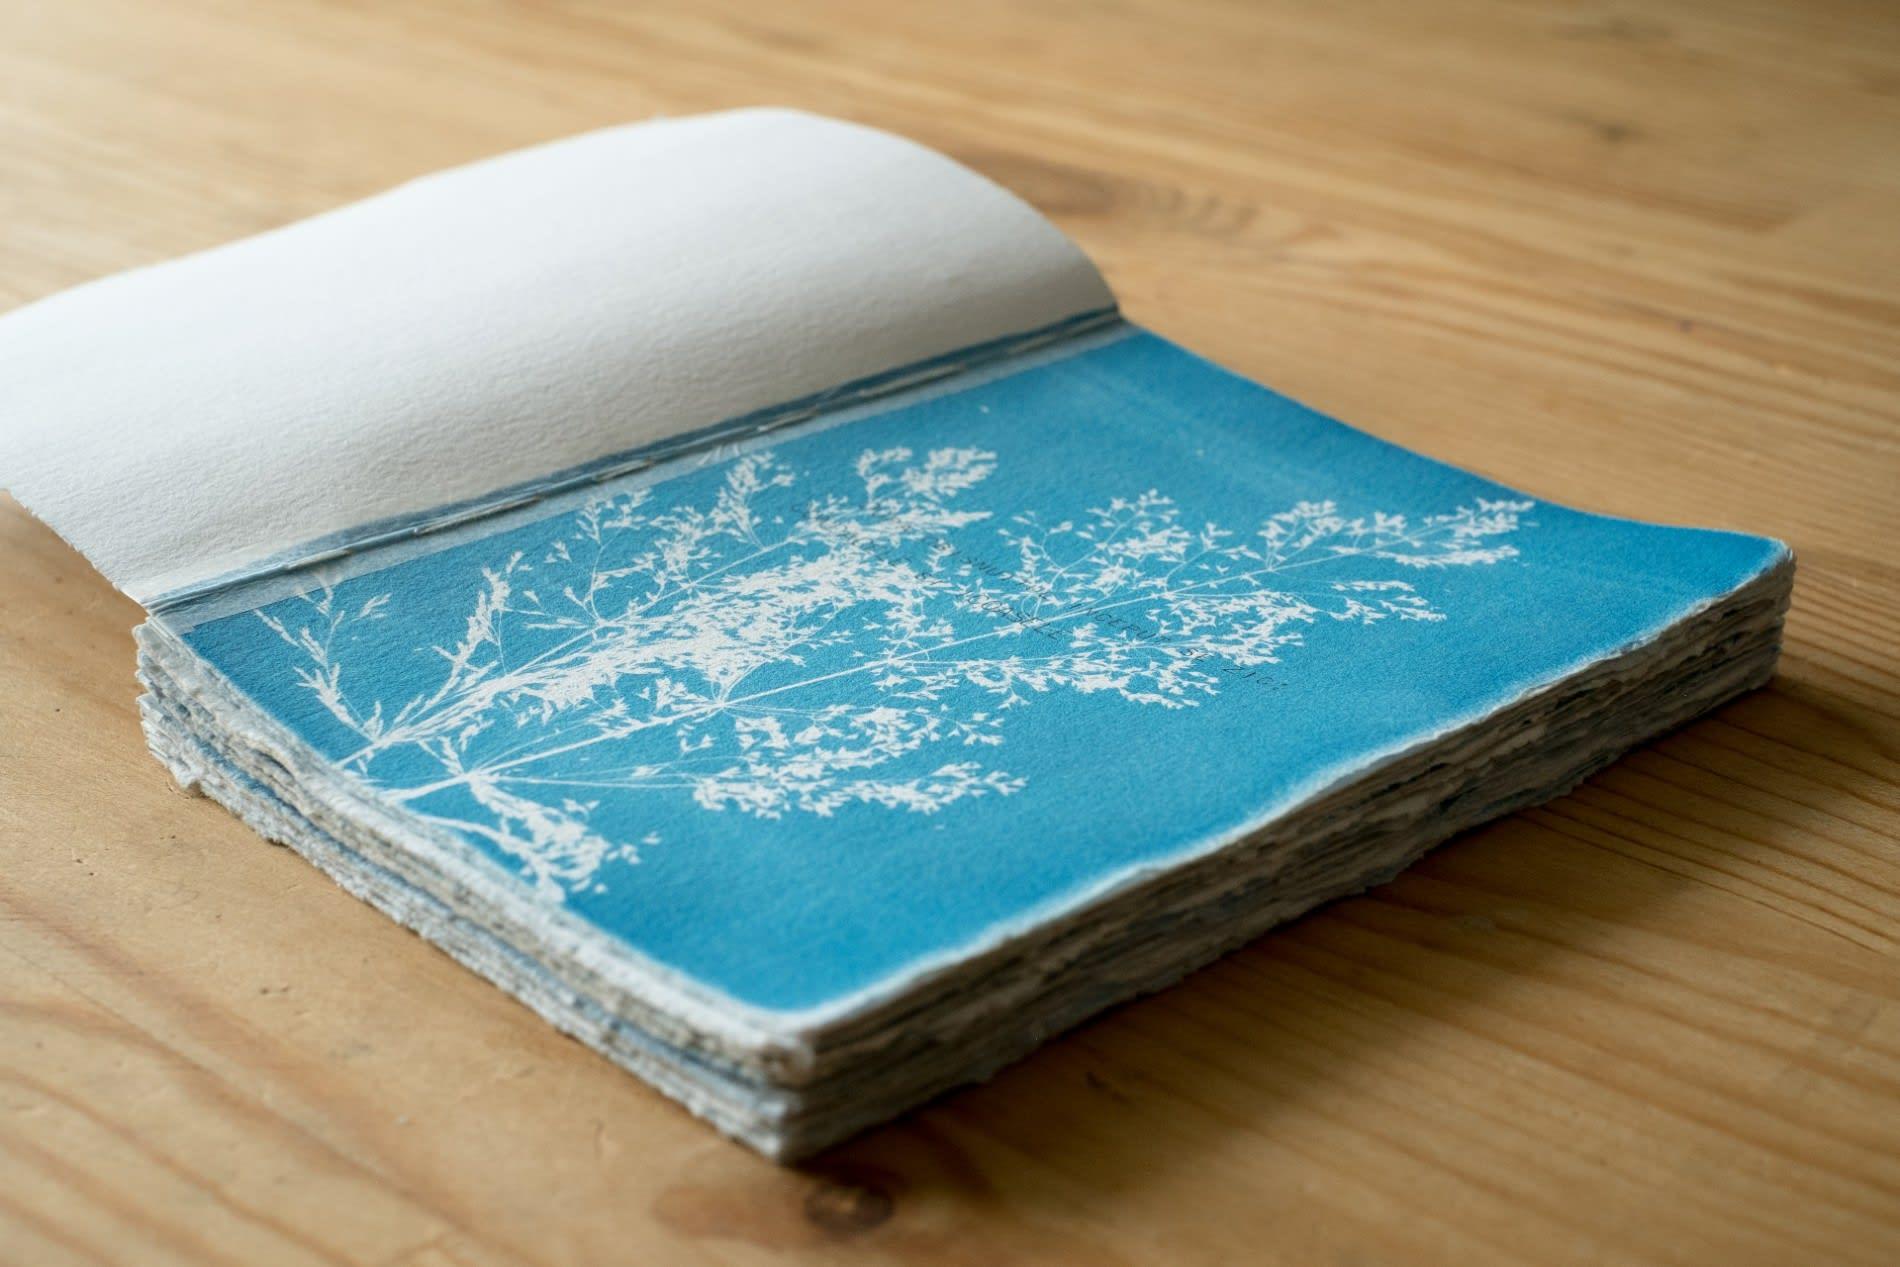 Épreuve de cyanotype sur papier - Maxime Boisvert©